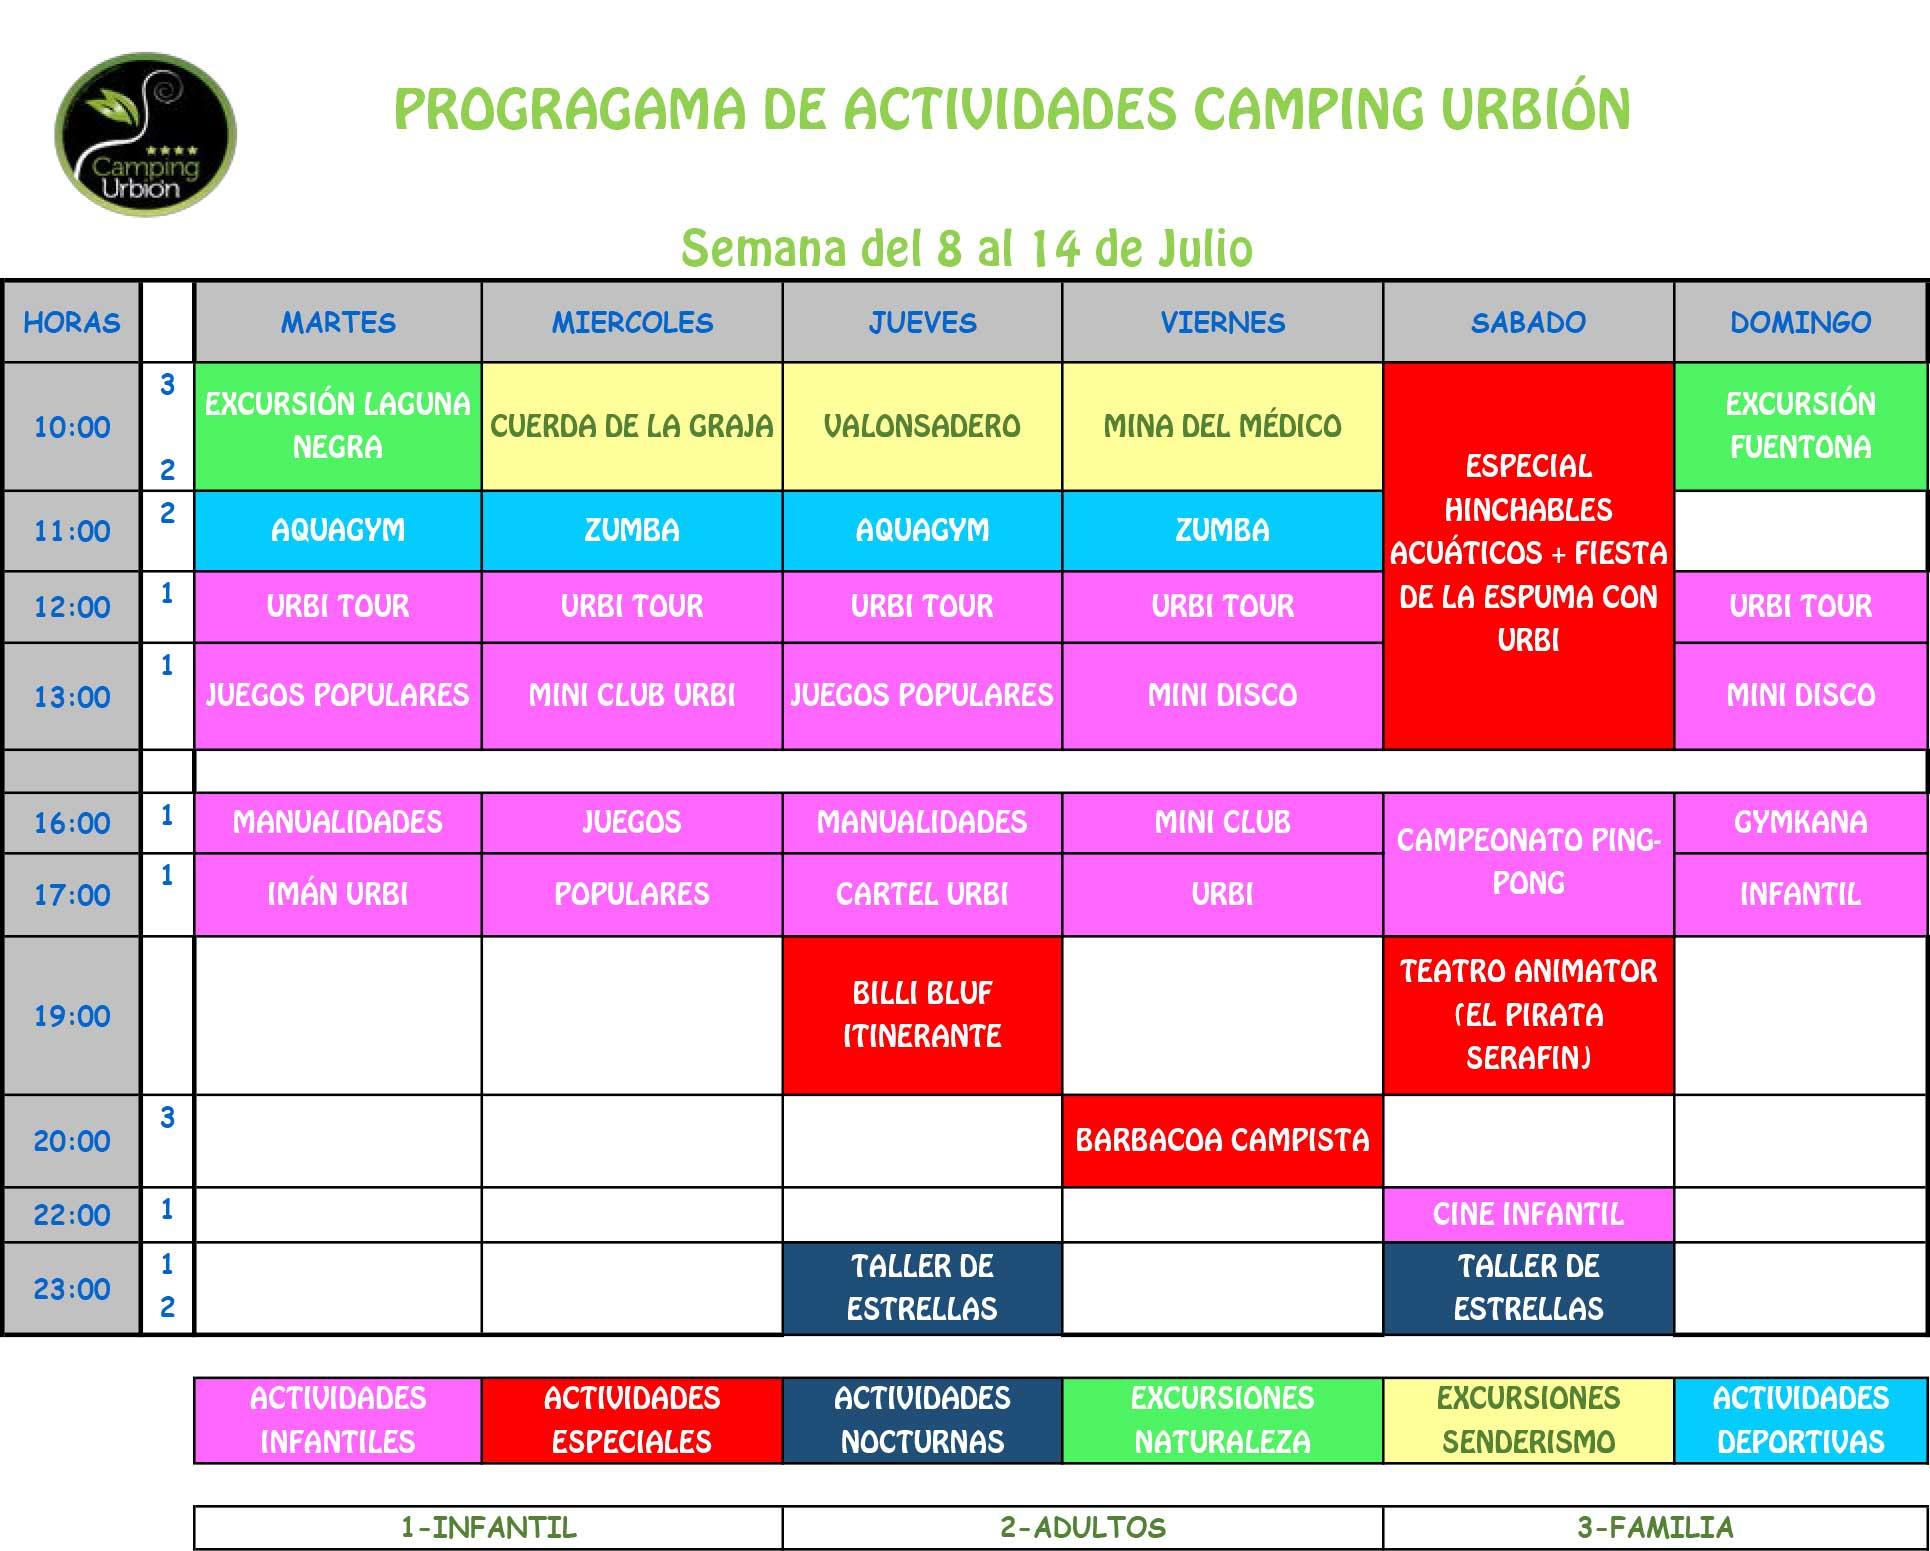 PROGRAMA ACTIVIDADES JULIO CAMPING URBION SORIA